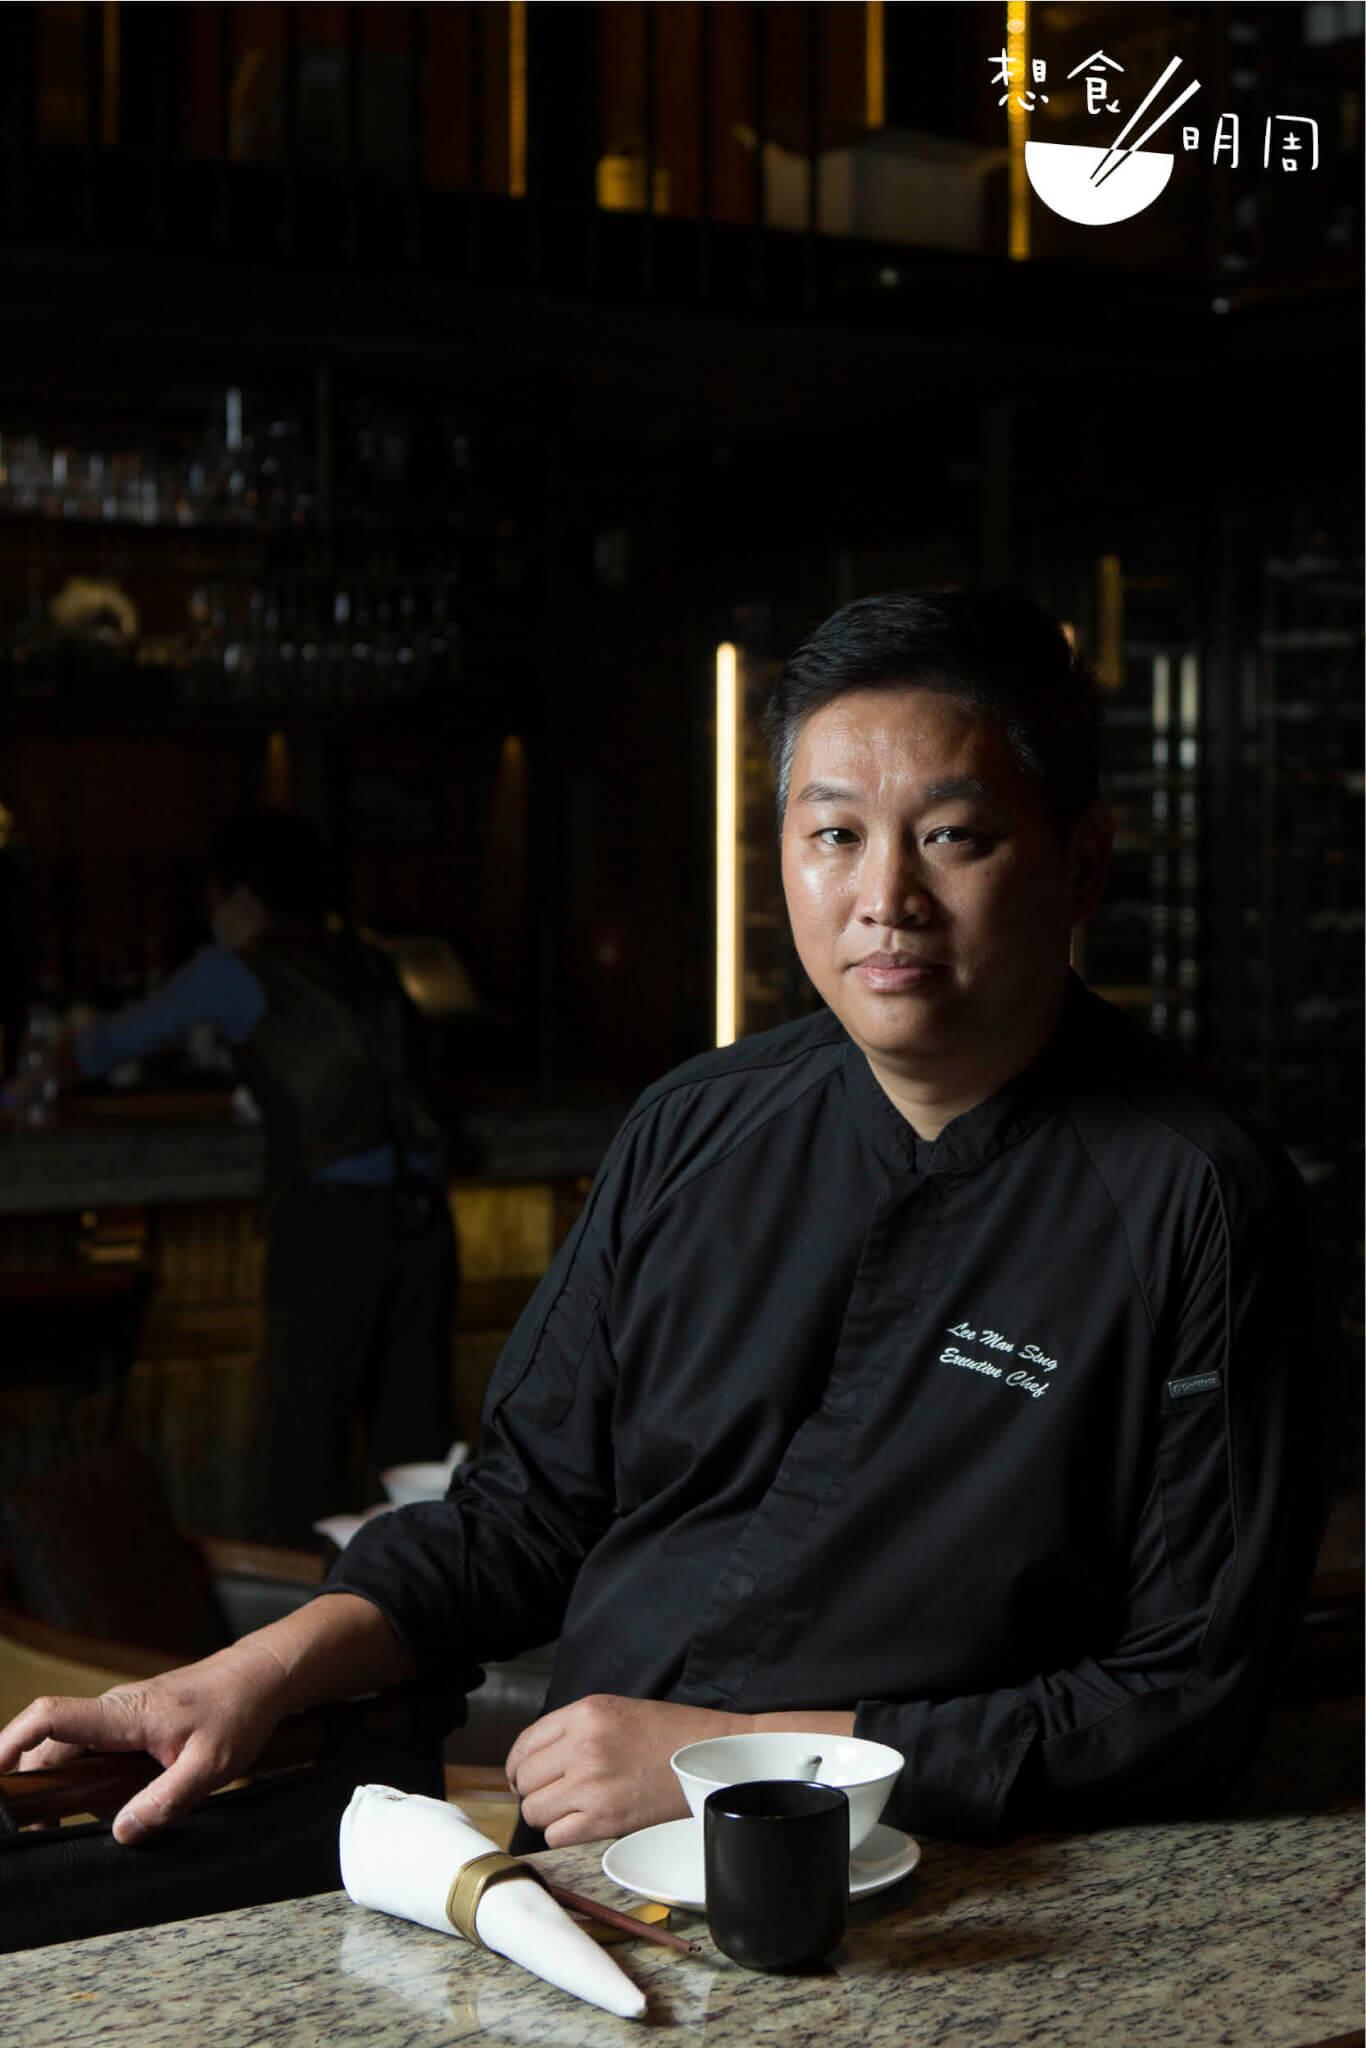 行政總廚李文星 // 入行接近四十年,在中廚界經驗老到。又因為熟悉食材的特性,故能好好利用,發輝出似肉的口感及味道。